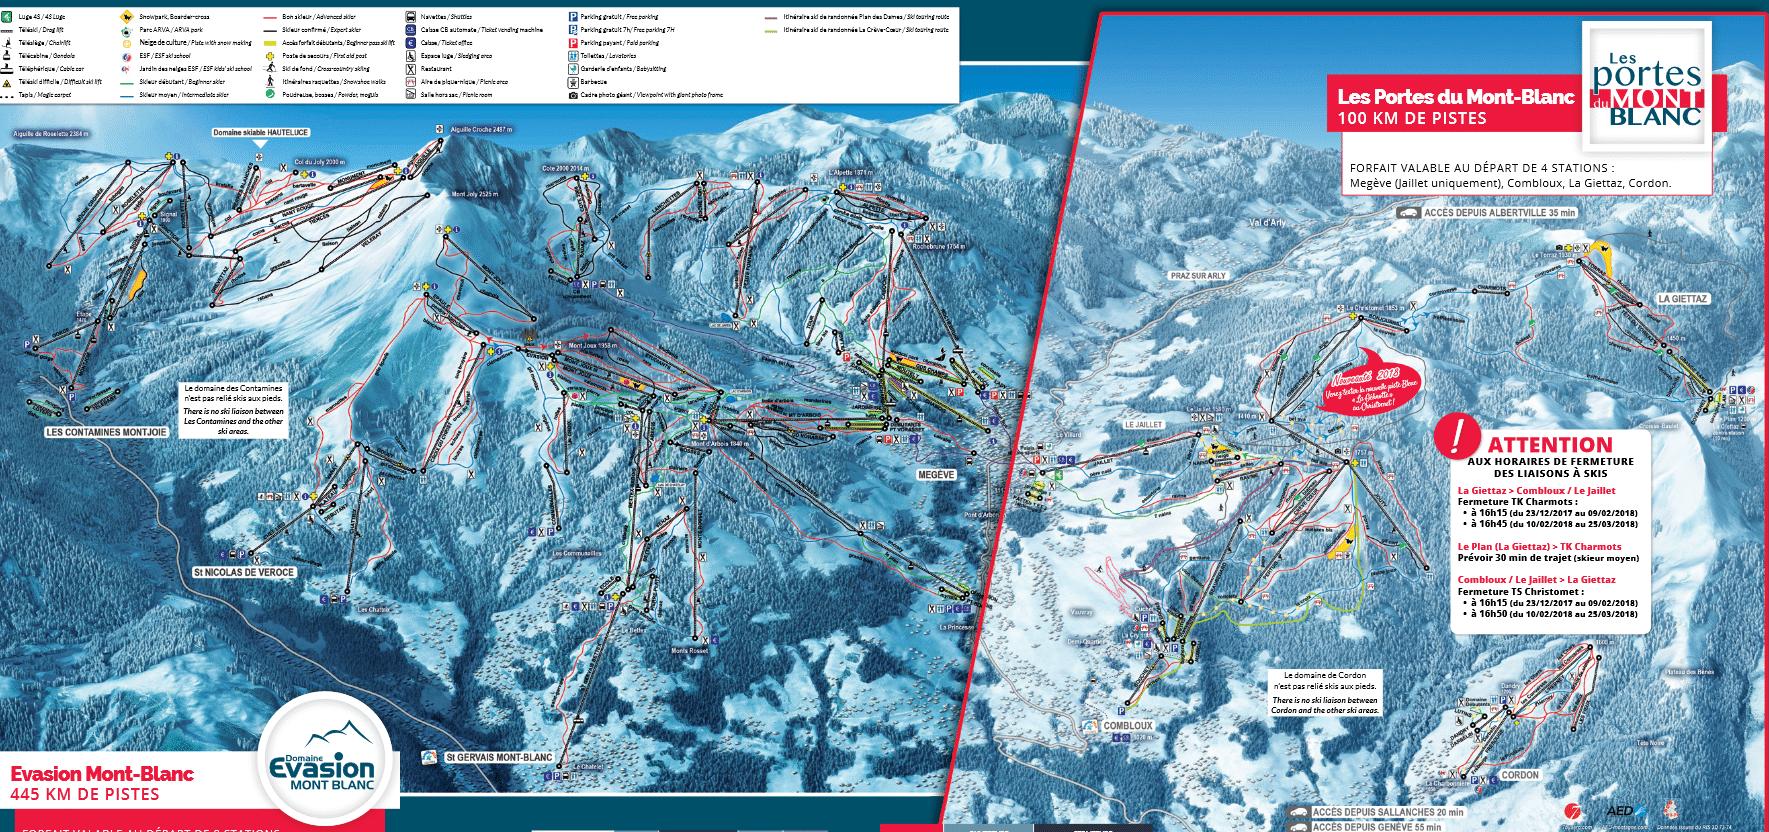 Portes du Mont-Blanc - Plan des pistes de ski